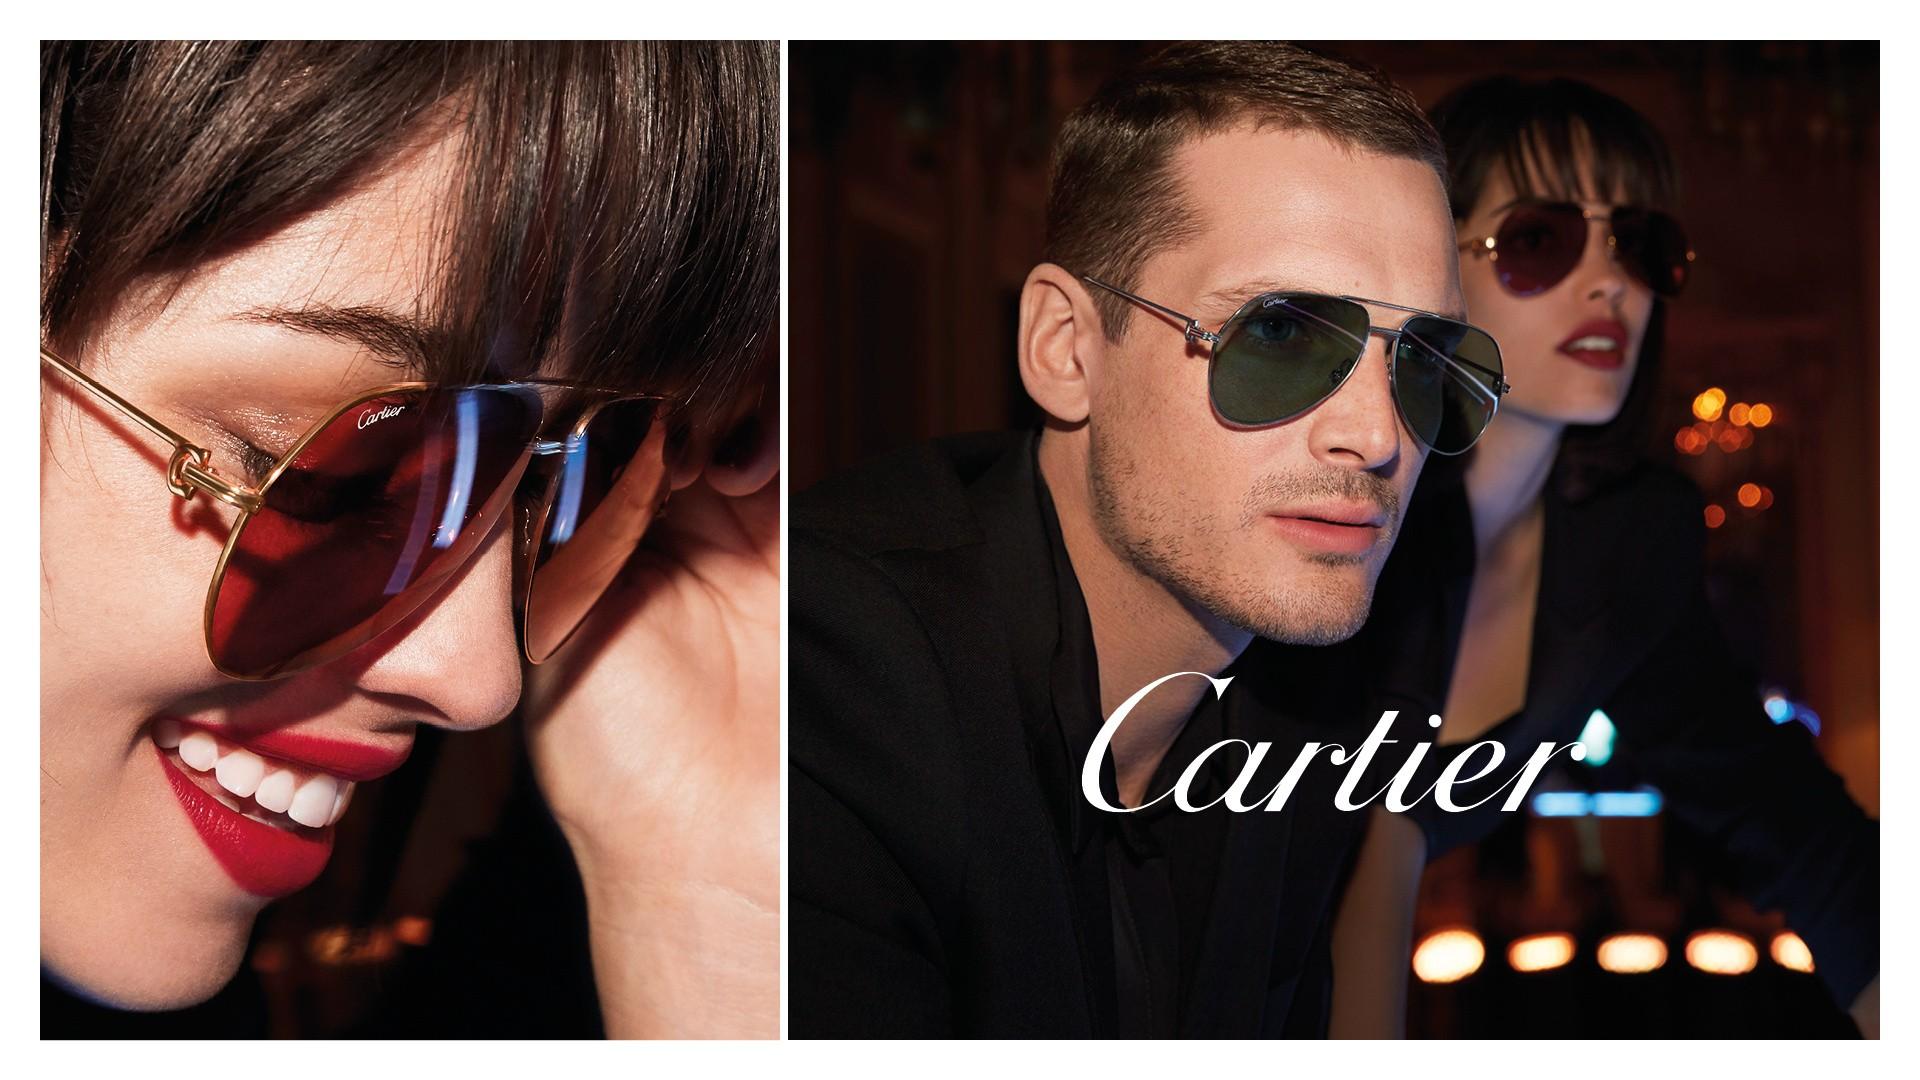 Links eine Nahaufnahme von einer lächelnden Frau mit braunem Pony und einer rot getönten Sonnenbrille und rechts ein Mann mit ernstem Blick und dunkler Cartier Sonnenbrille.